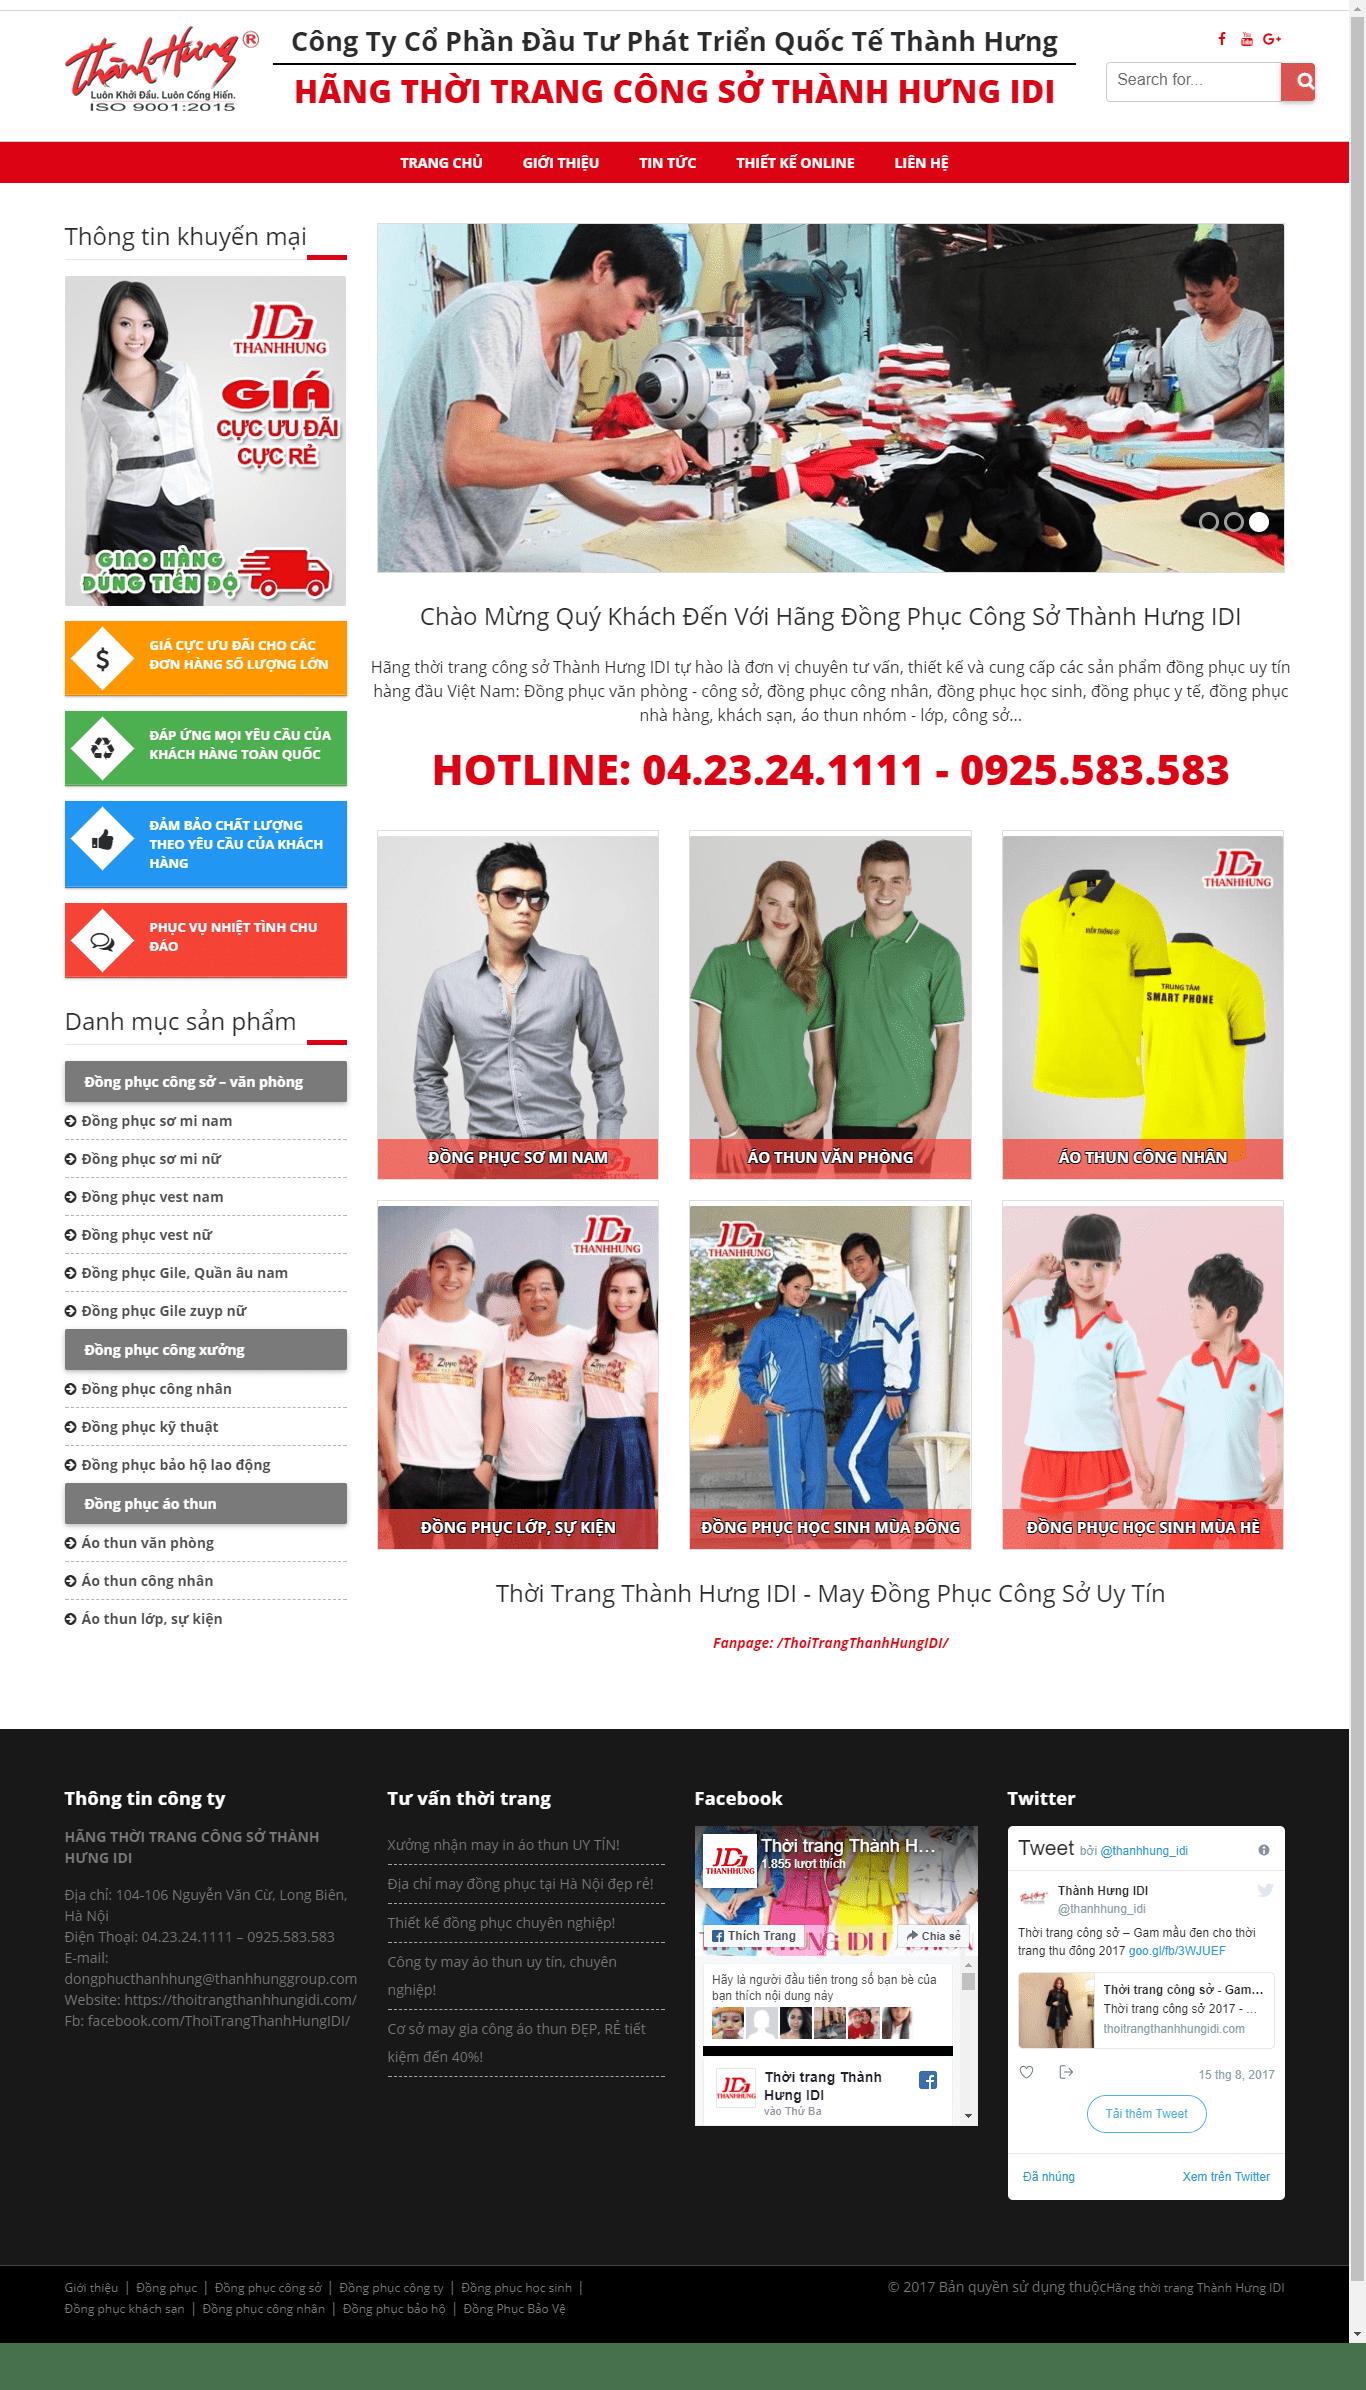 Thiết kế website hãng đồng phục công sở Thành Hưng ID